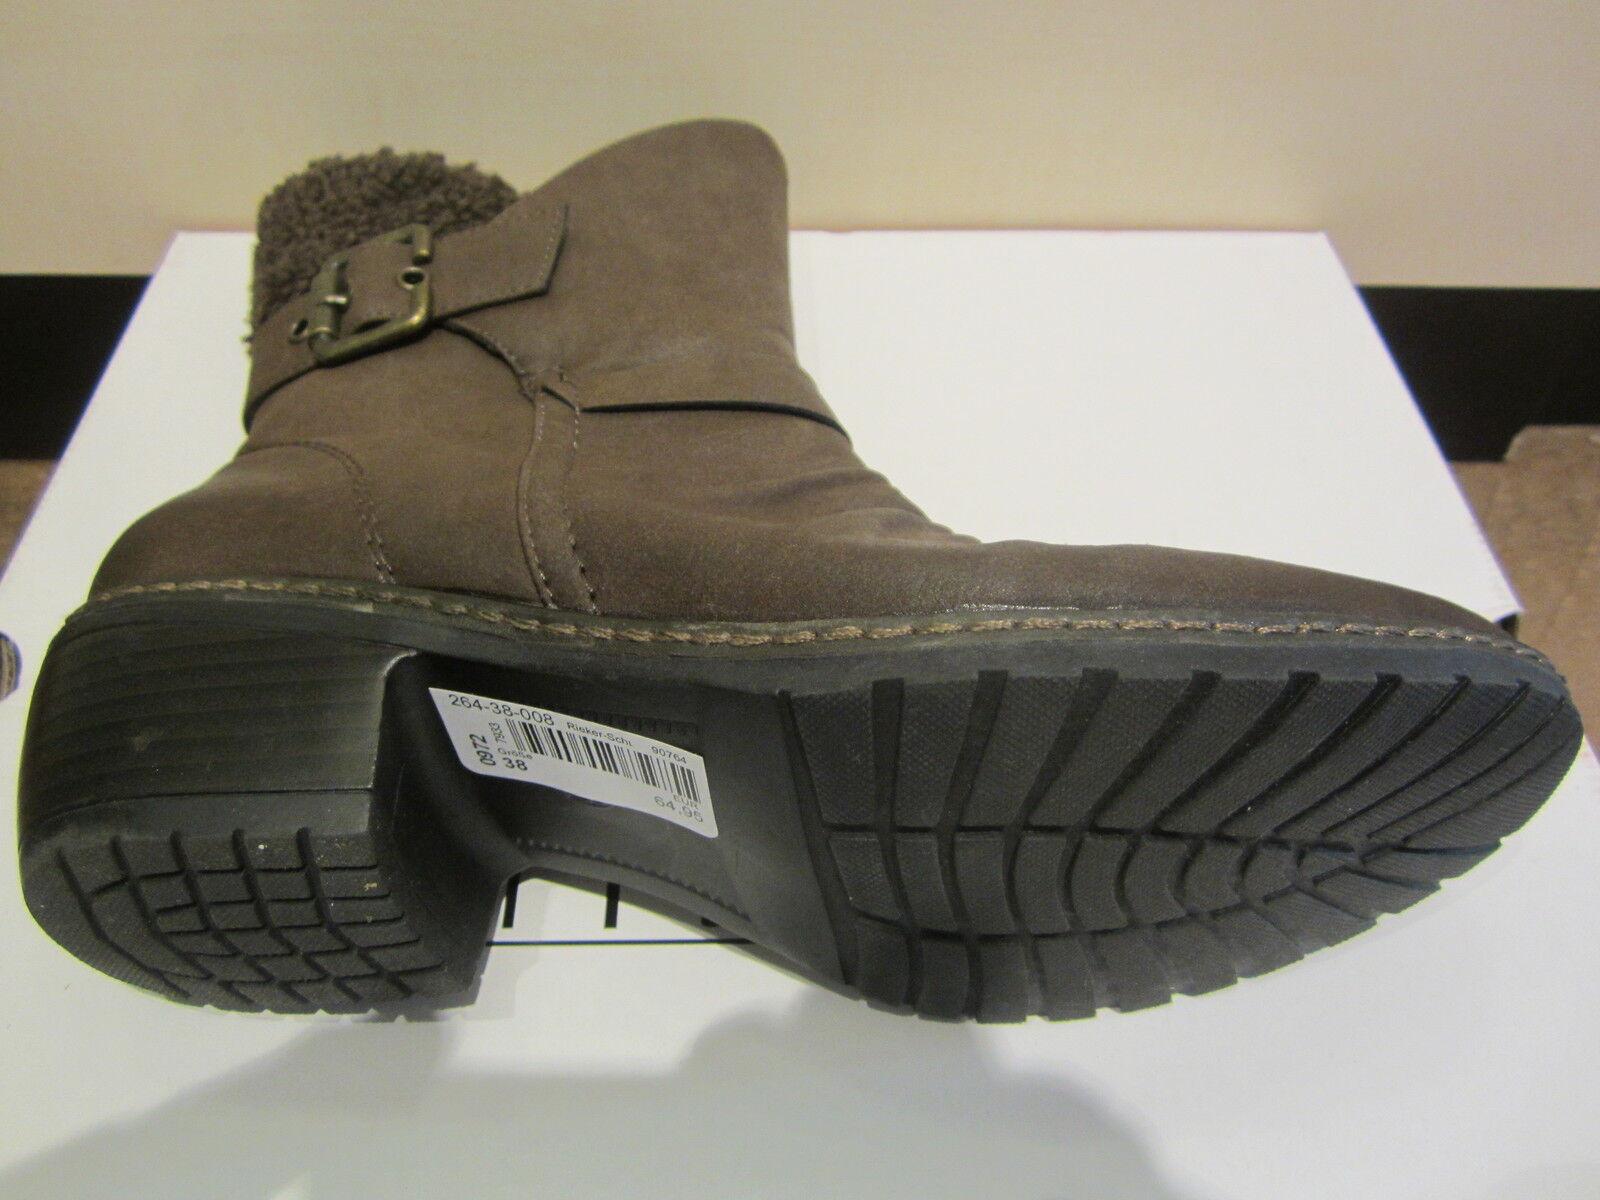 Rieker Stiefel, gefüttert braun, kein Leder, warm gefüttert Stiefel, 90764, NEU 02253f